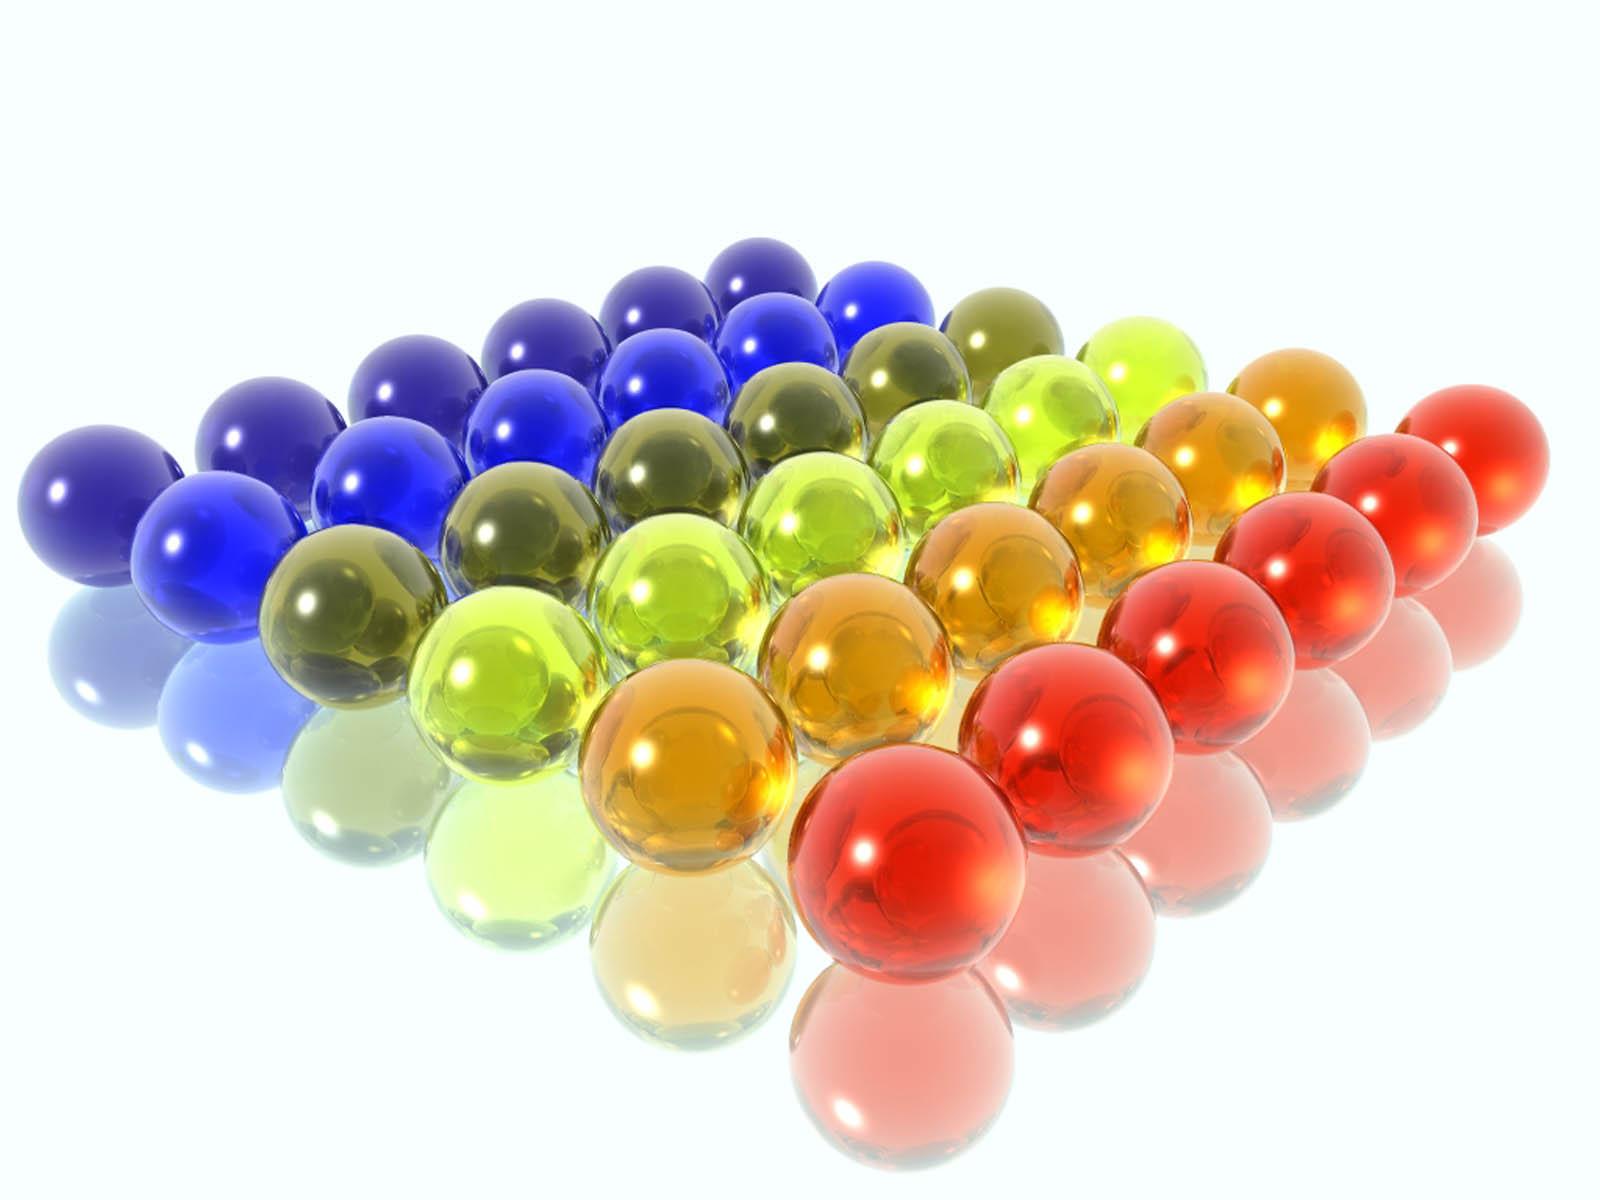 Обои для рабочего стола стеклянные шарики